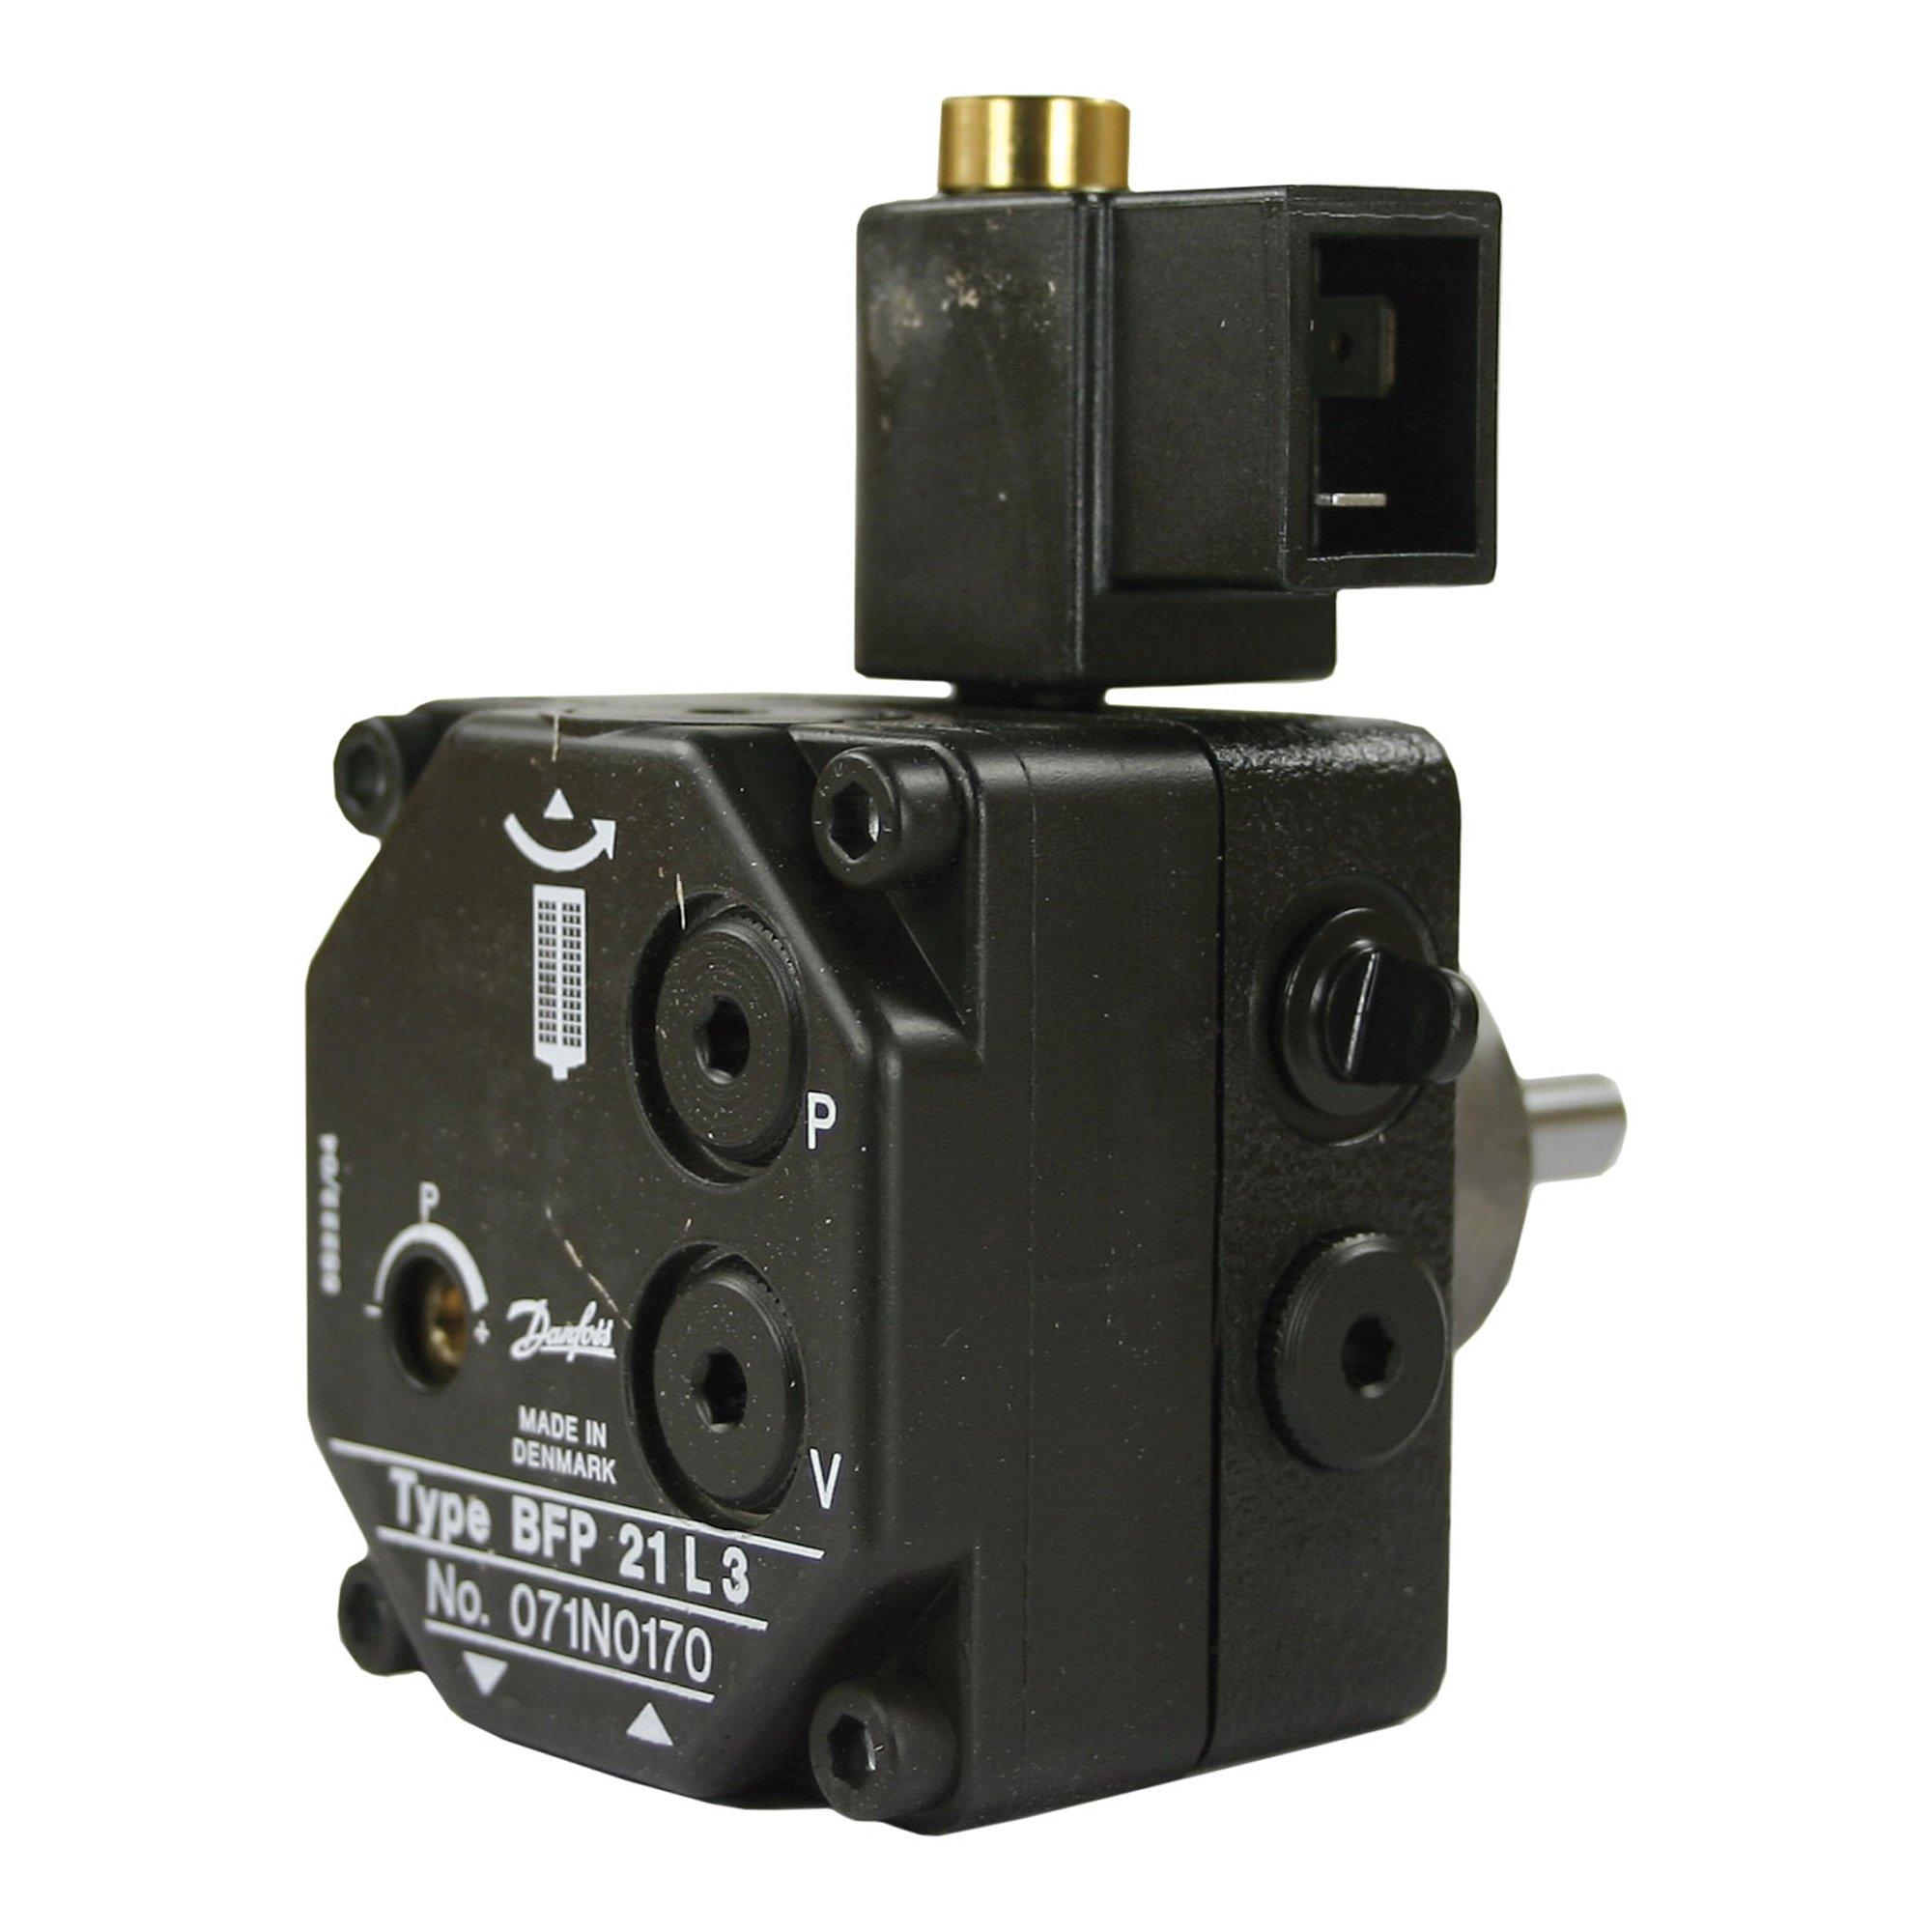 Ölpumpe Danfoss, Typ BFP21R3, 24V, Nabe=32mm, Rechts Ölpumpe Danfoss BFP 21R3  24 V | für MSLA 032 + MS 11 R 3